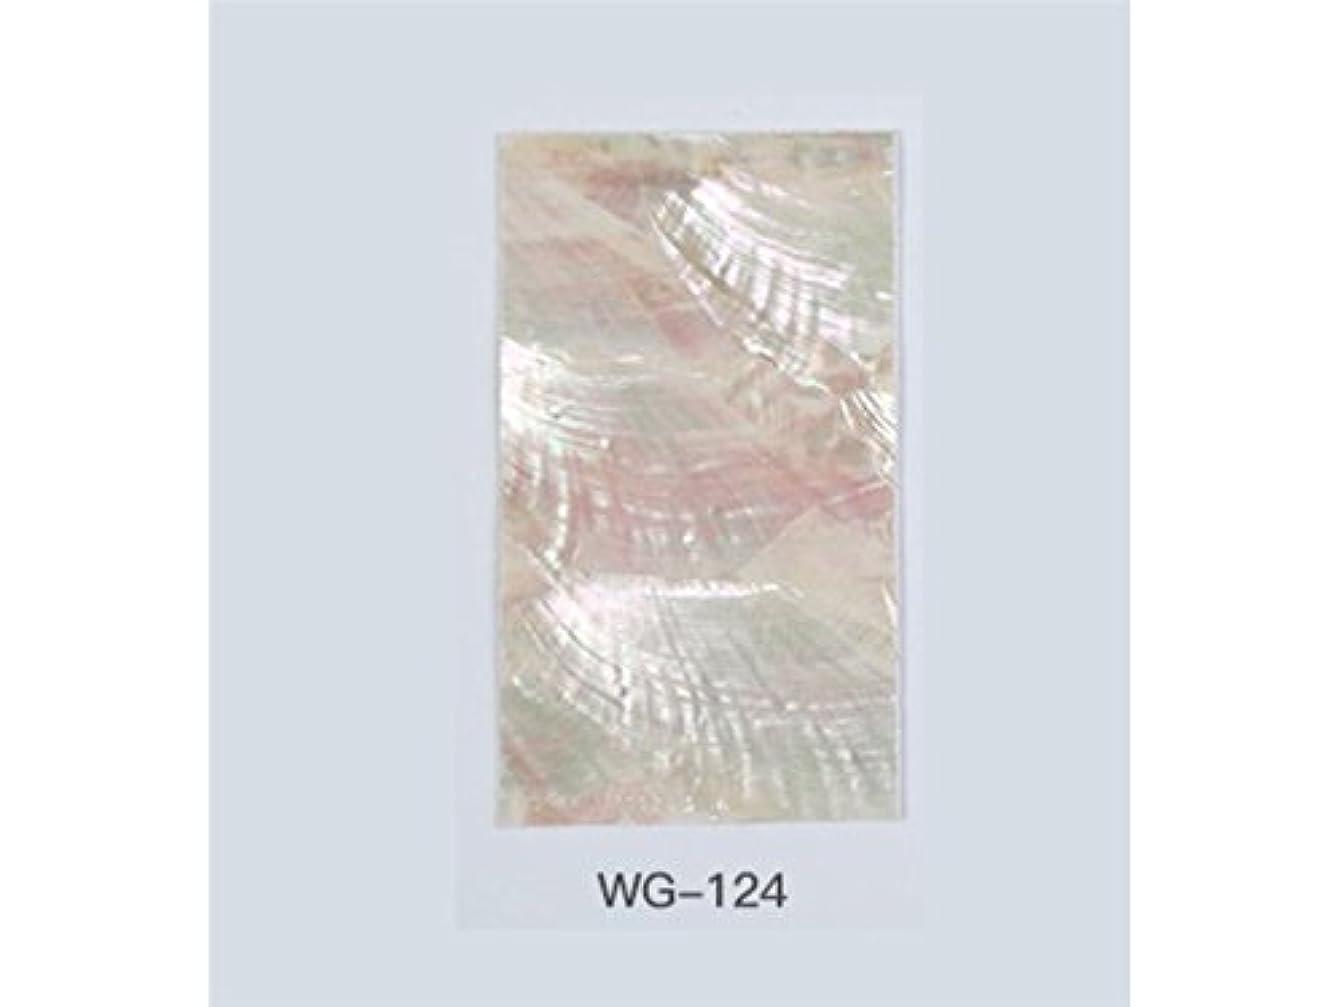 専門化する食い違いエミュレートするOsize クリアウォータートランスファーネイルステッカーネイルアートクラフトネイルアートデコレーション(図示)